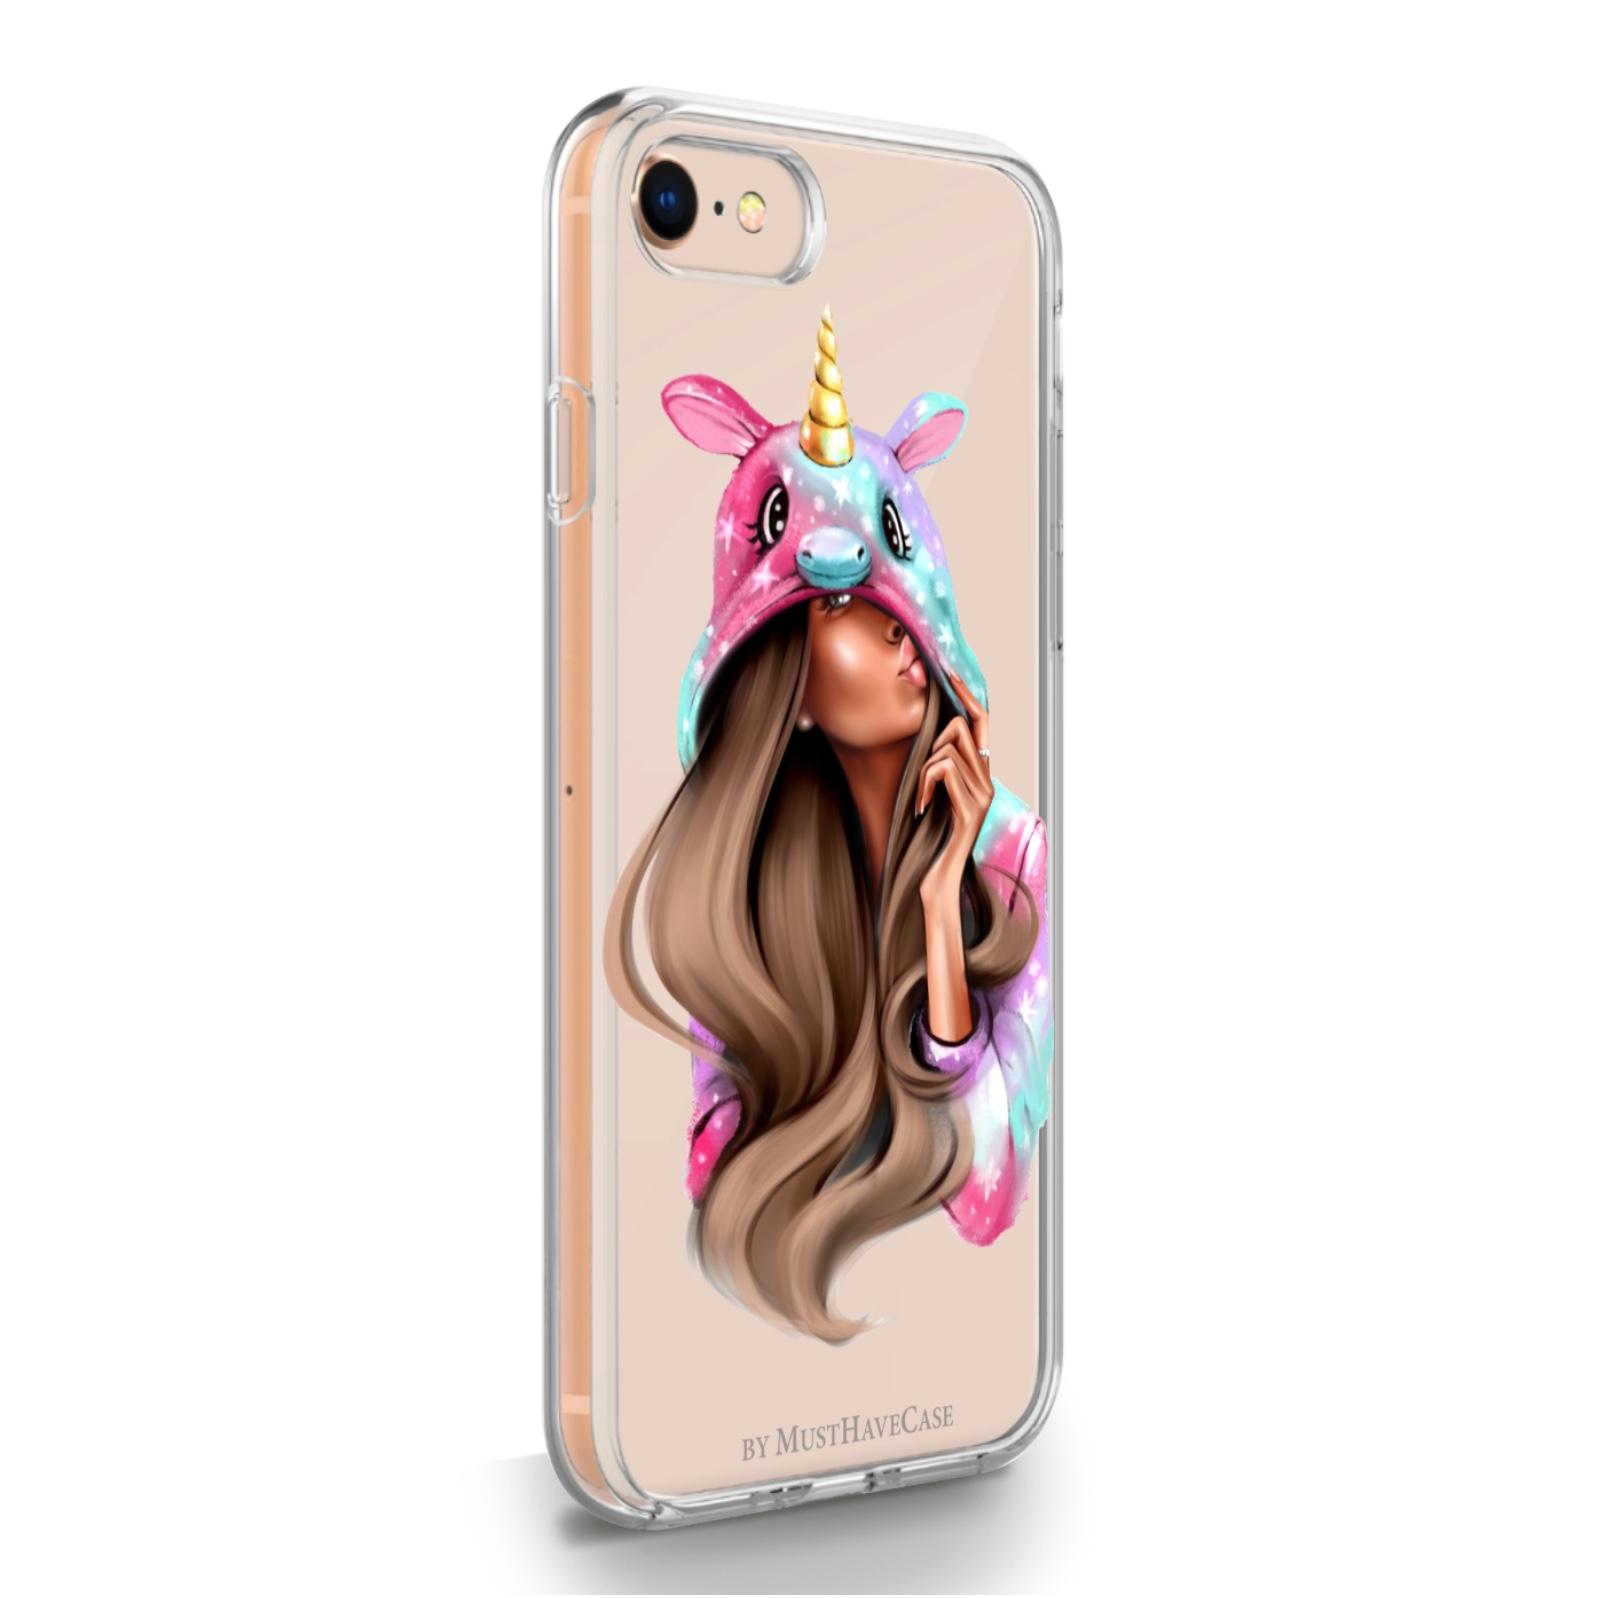 Прозрачный силиконовый чехол для iPhone 7/8/SE2020 Unicorn Girl для Айфон 7/8/СЕ2020